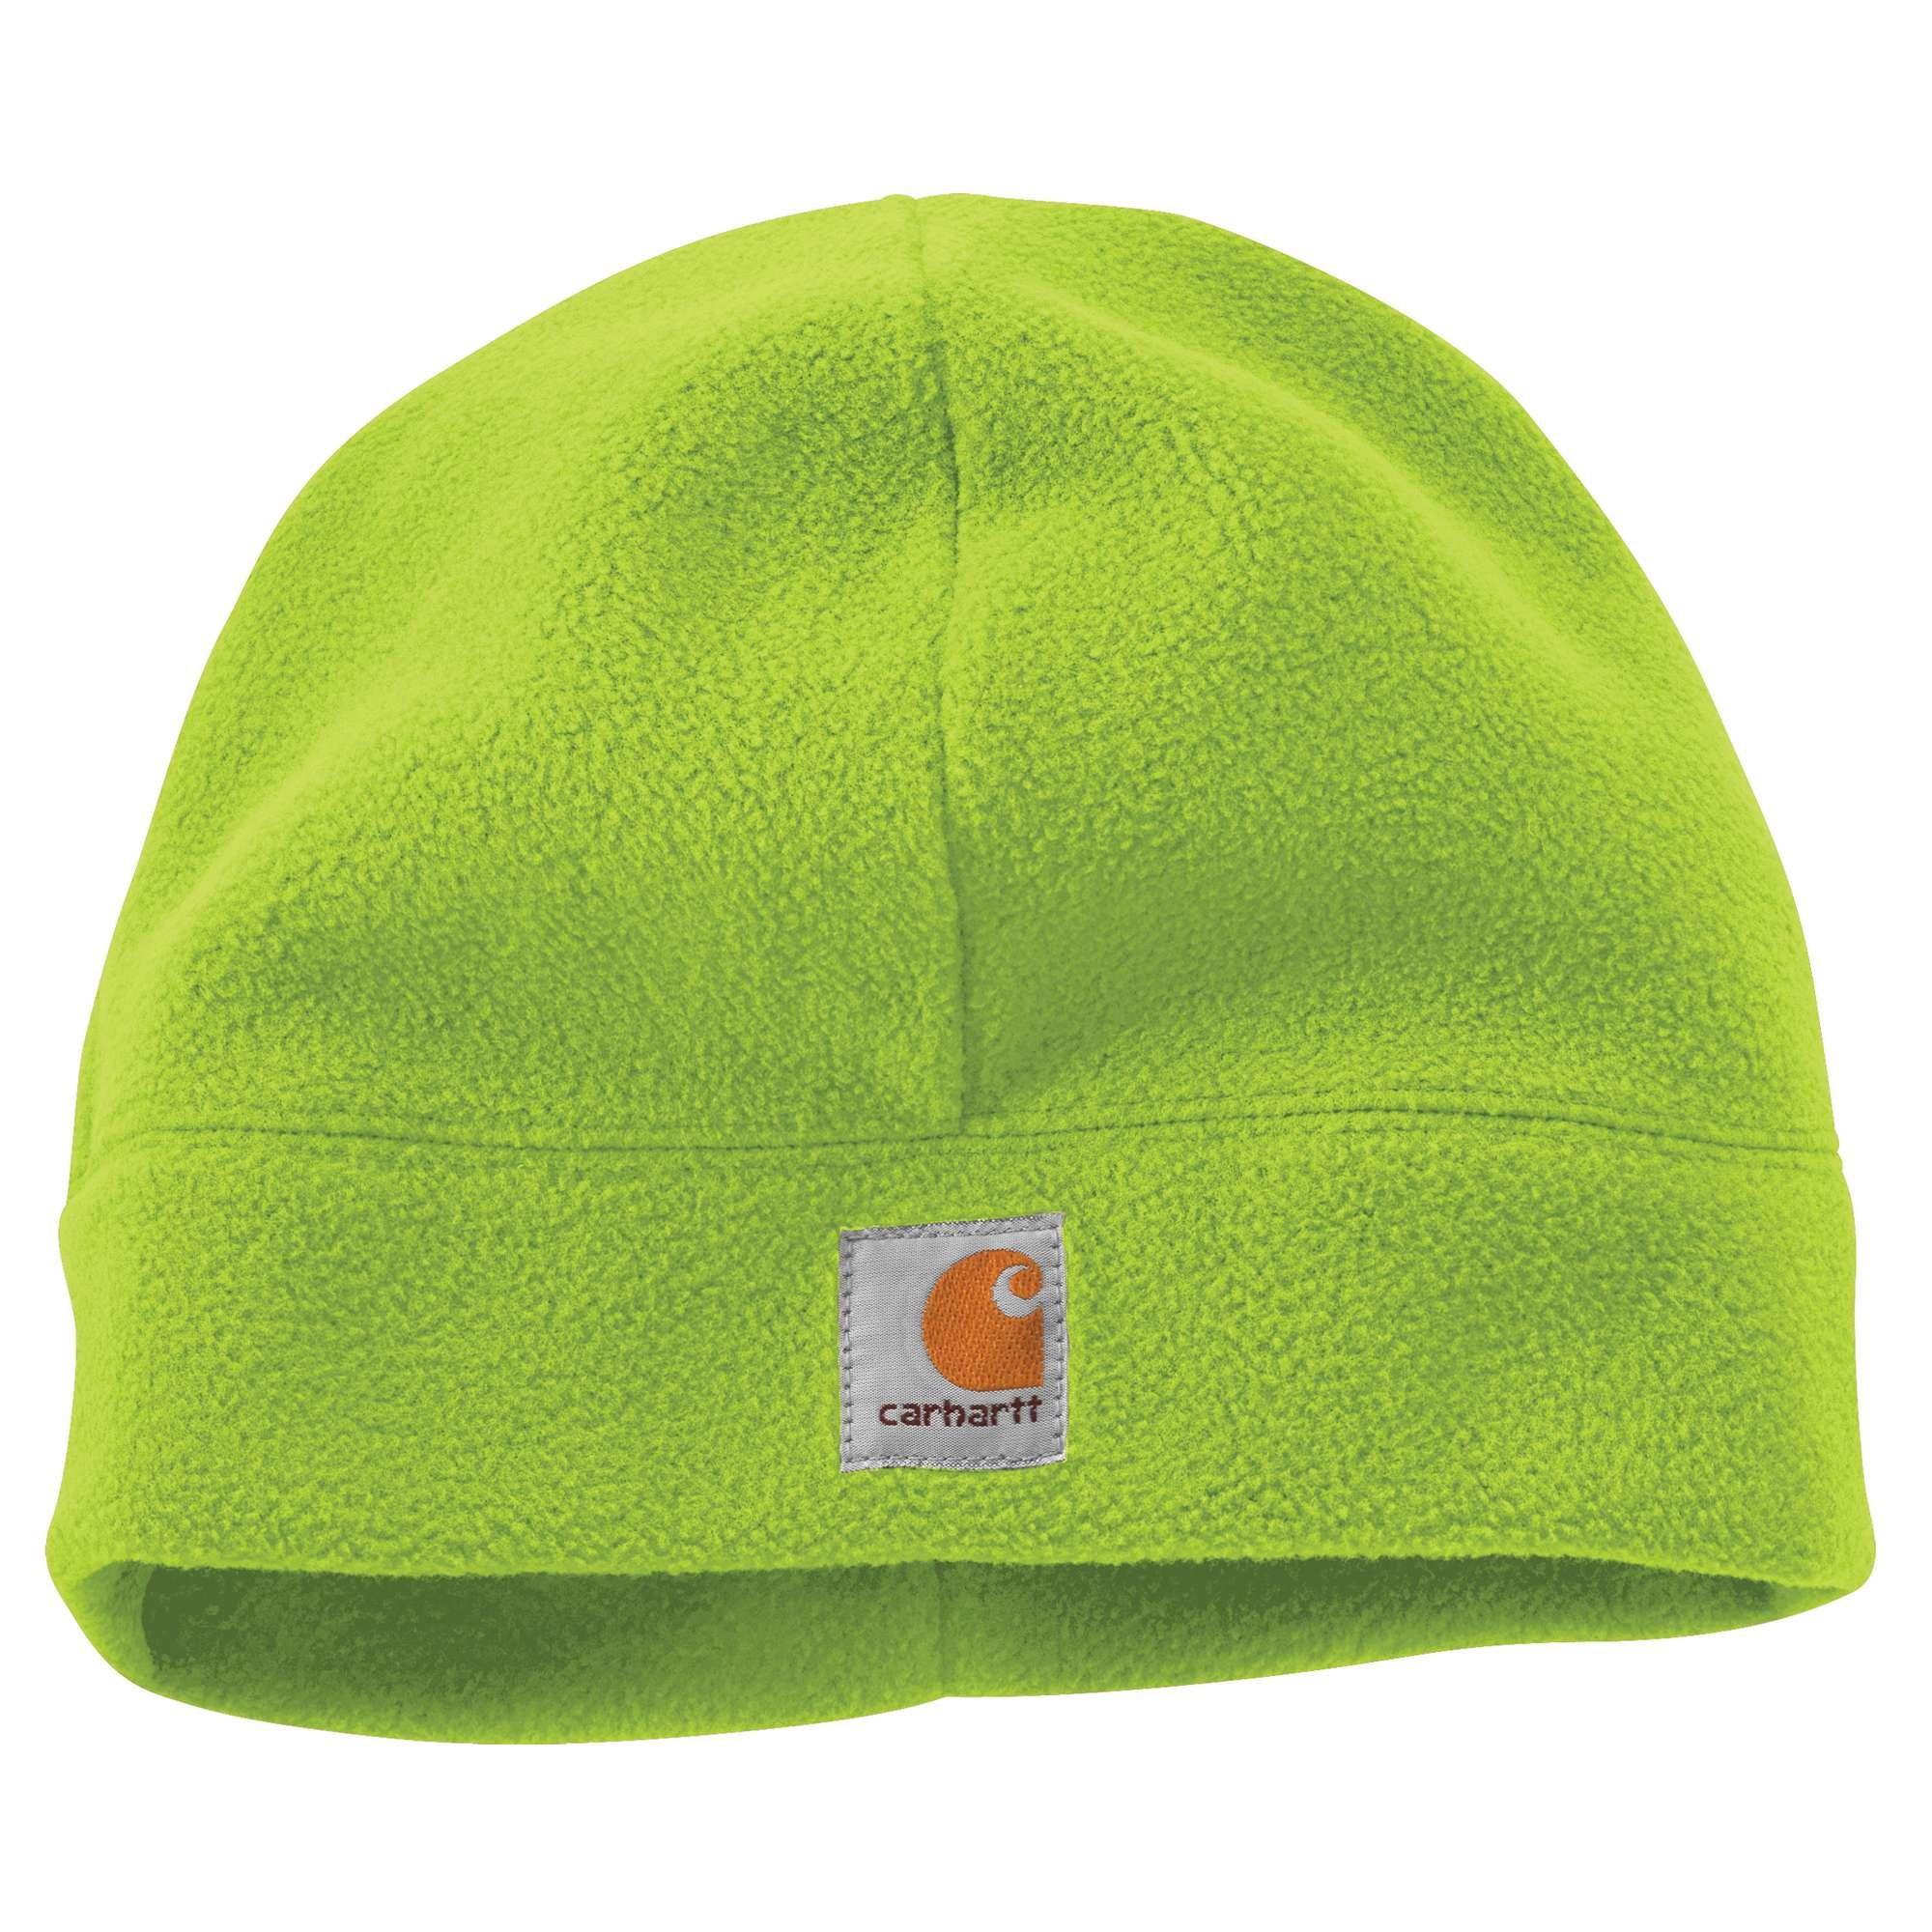 Carhartt High-Visibility Color Enhanced Beanie